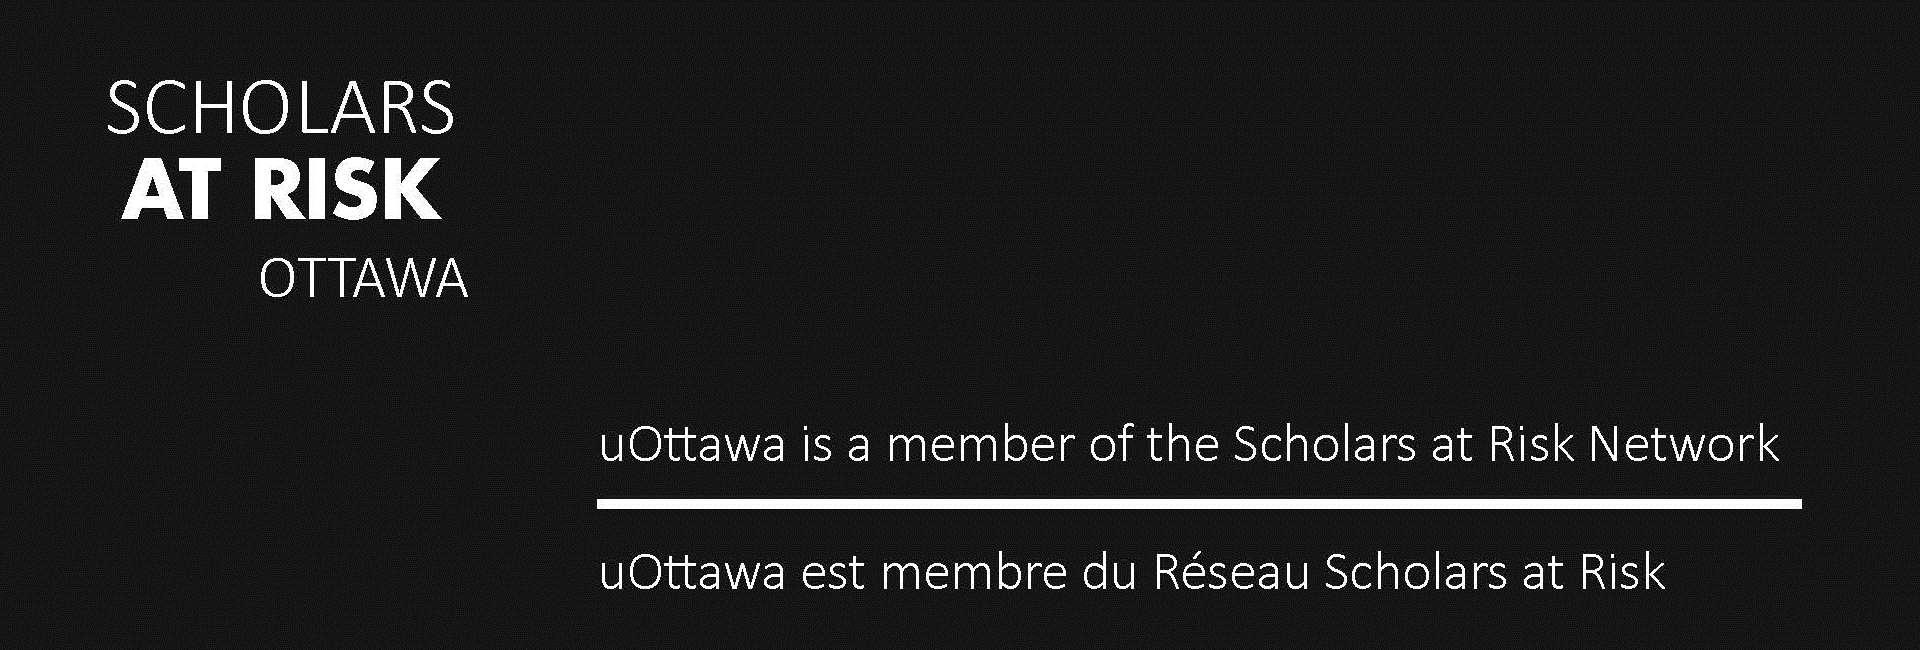 Scholars at Risk Ottawa